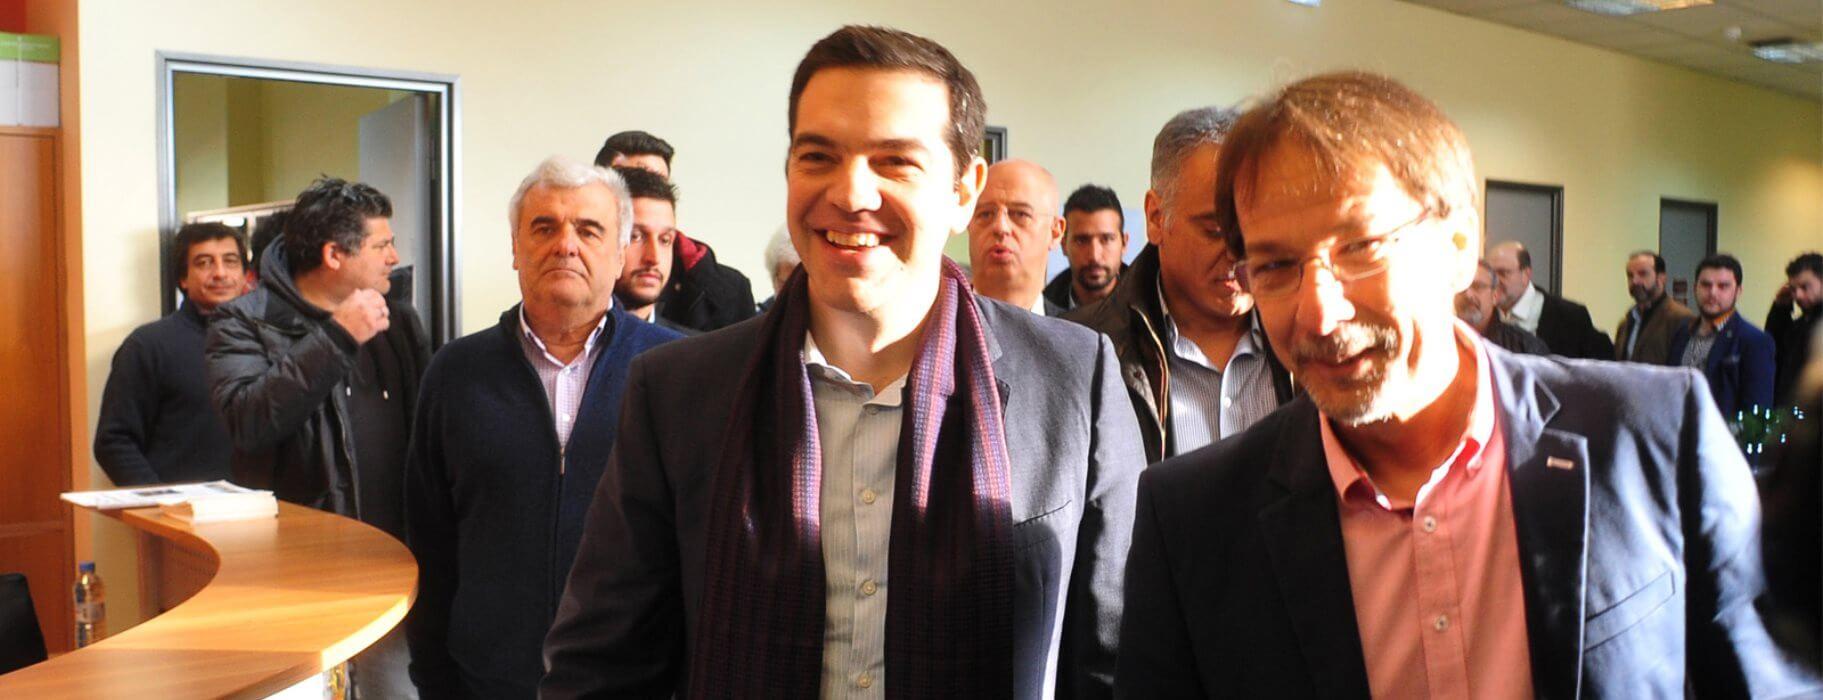 Κερατσίνι : Στα άκρα οι σχέσεις ΣΥΡΙΖΑ - Χρήστου Βρεττάκου